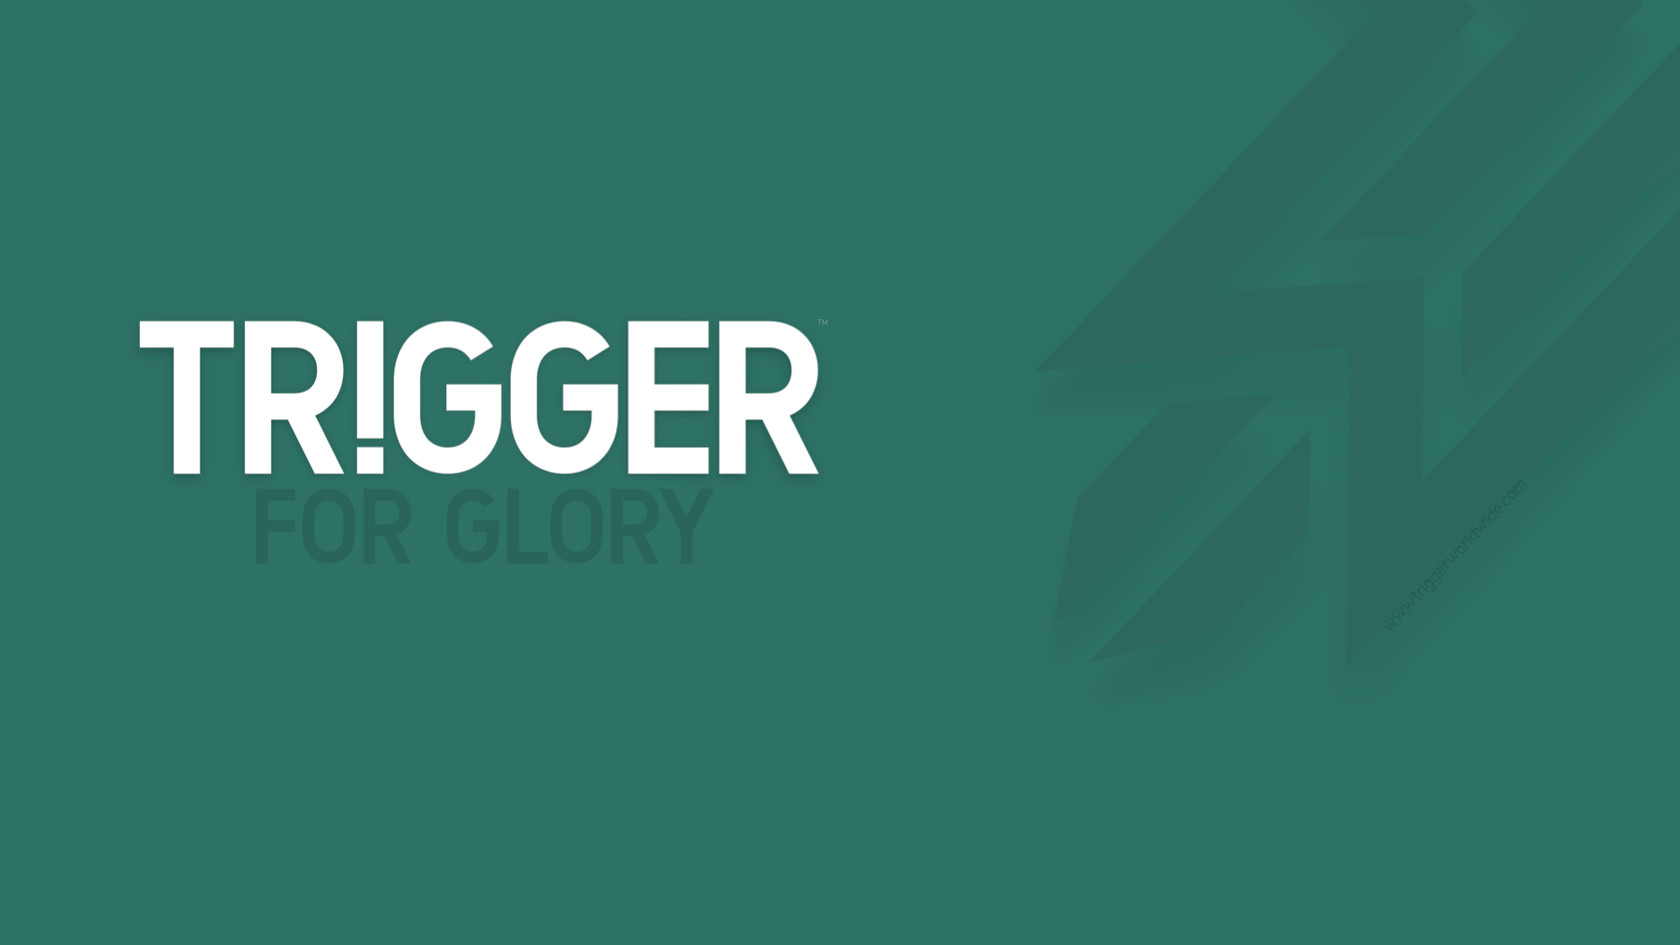 Trigger WallPaper Typo 5.jpg